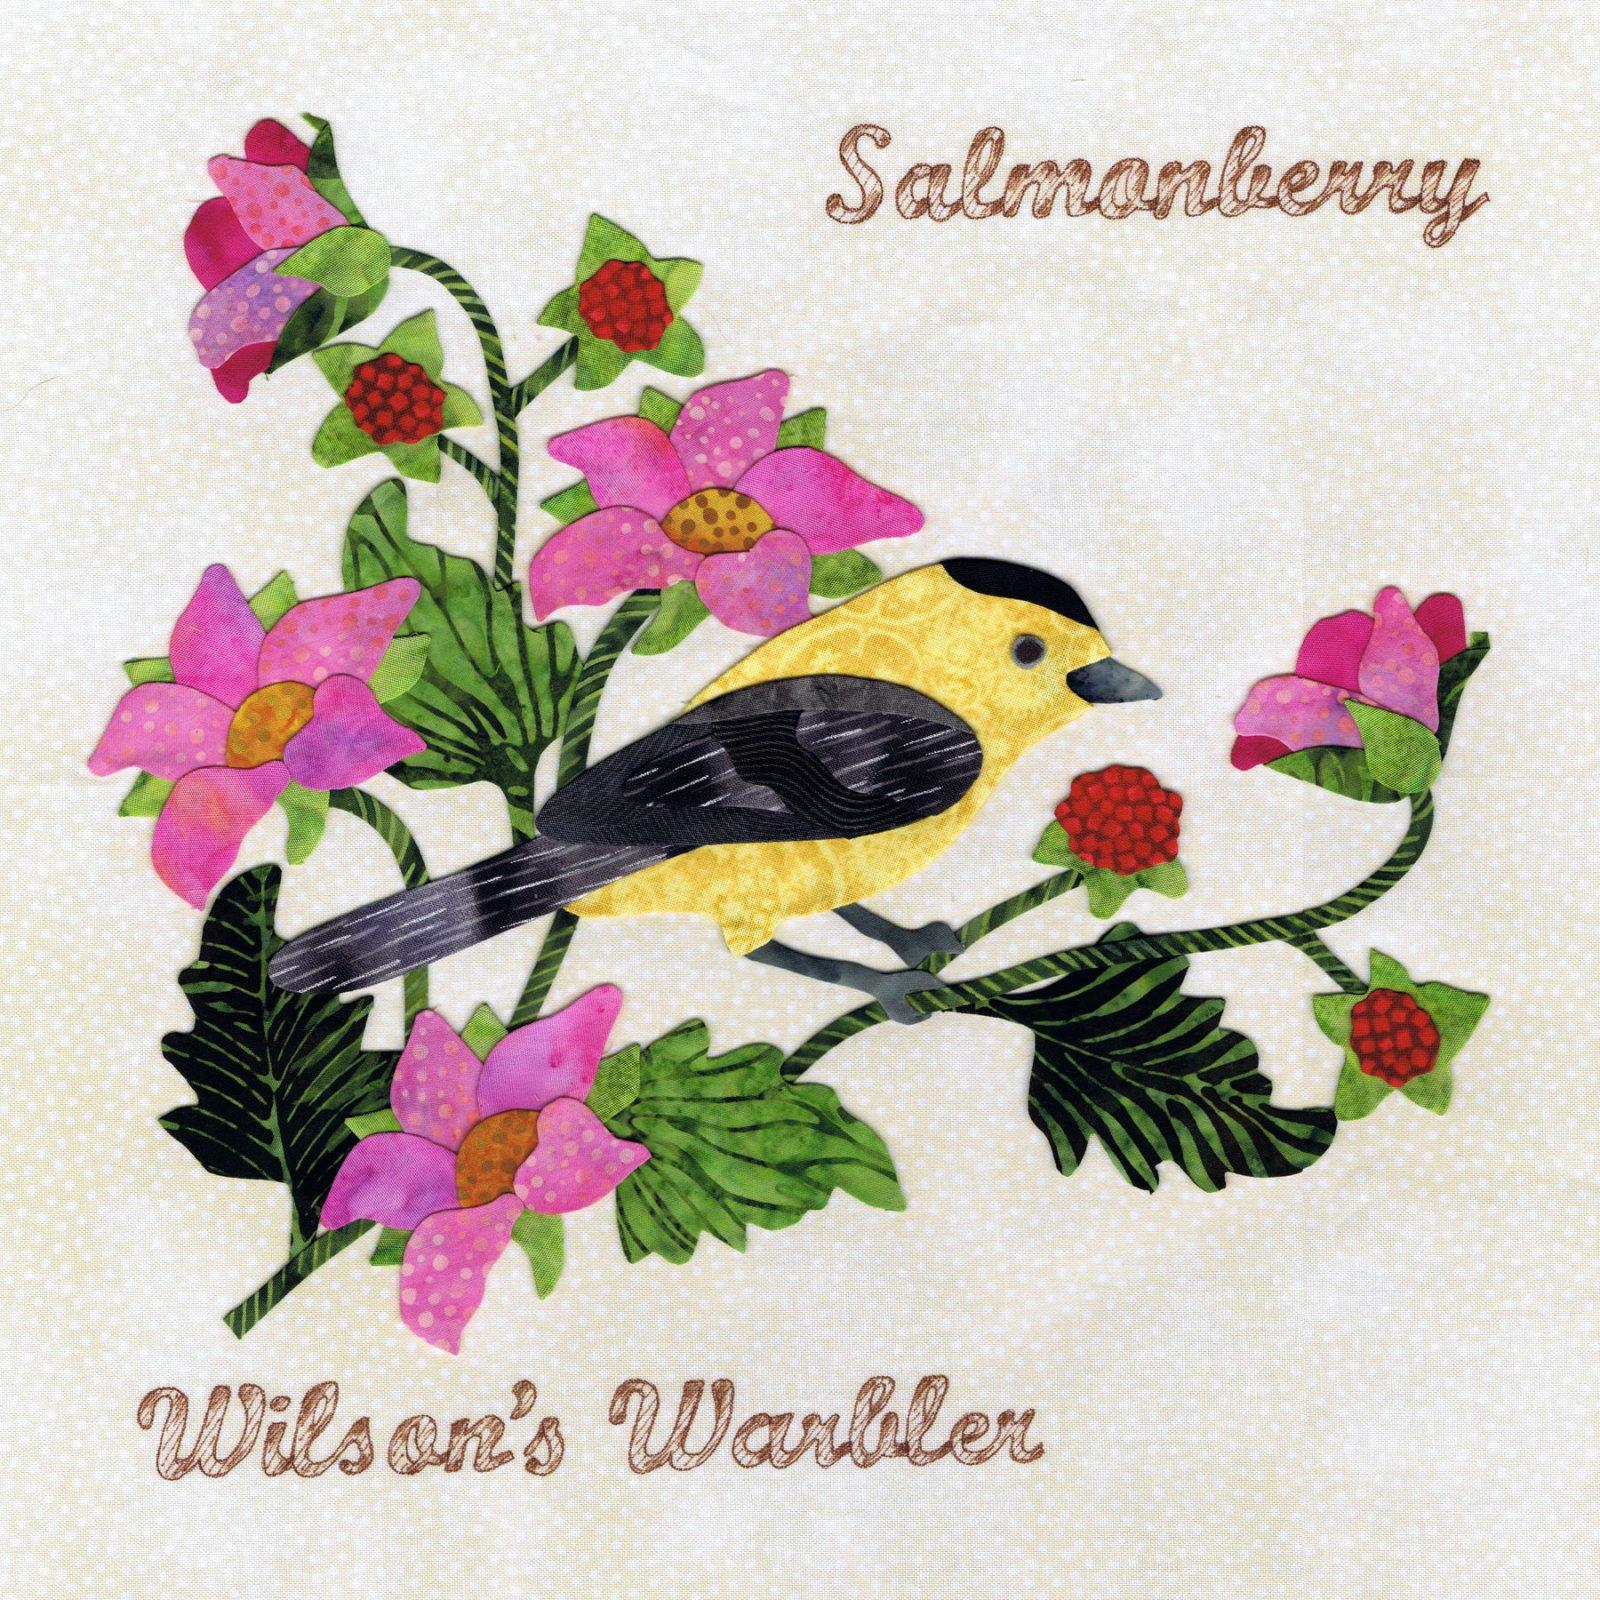 P3-1508 Wilso'sn Warbler & Salmonberry